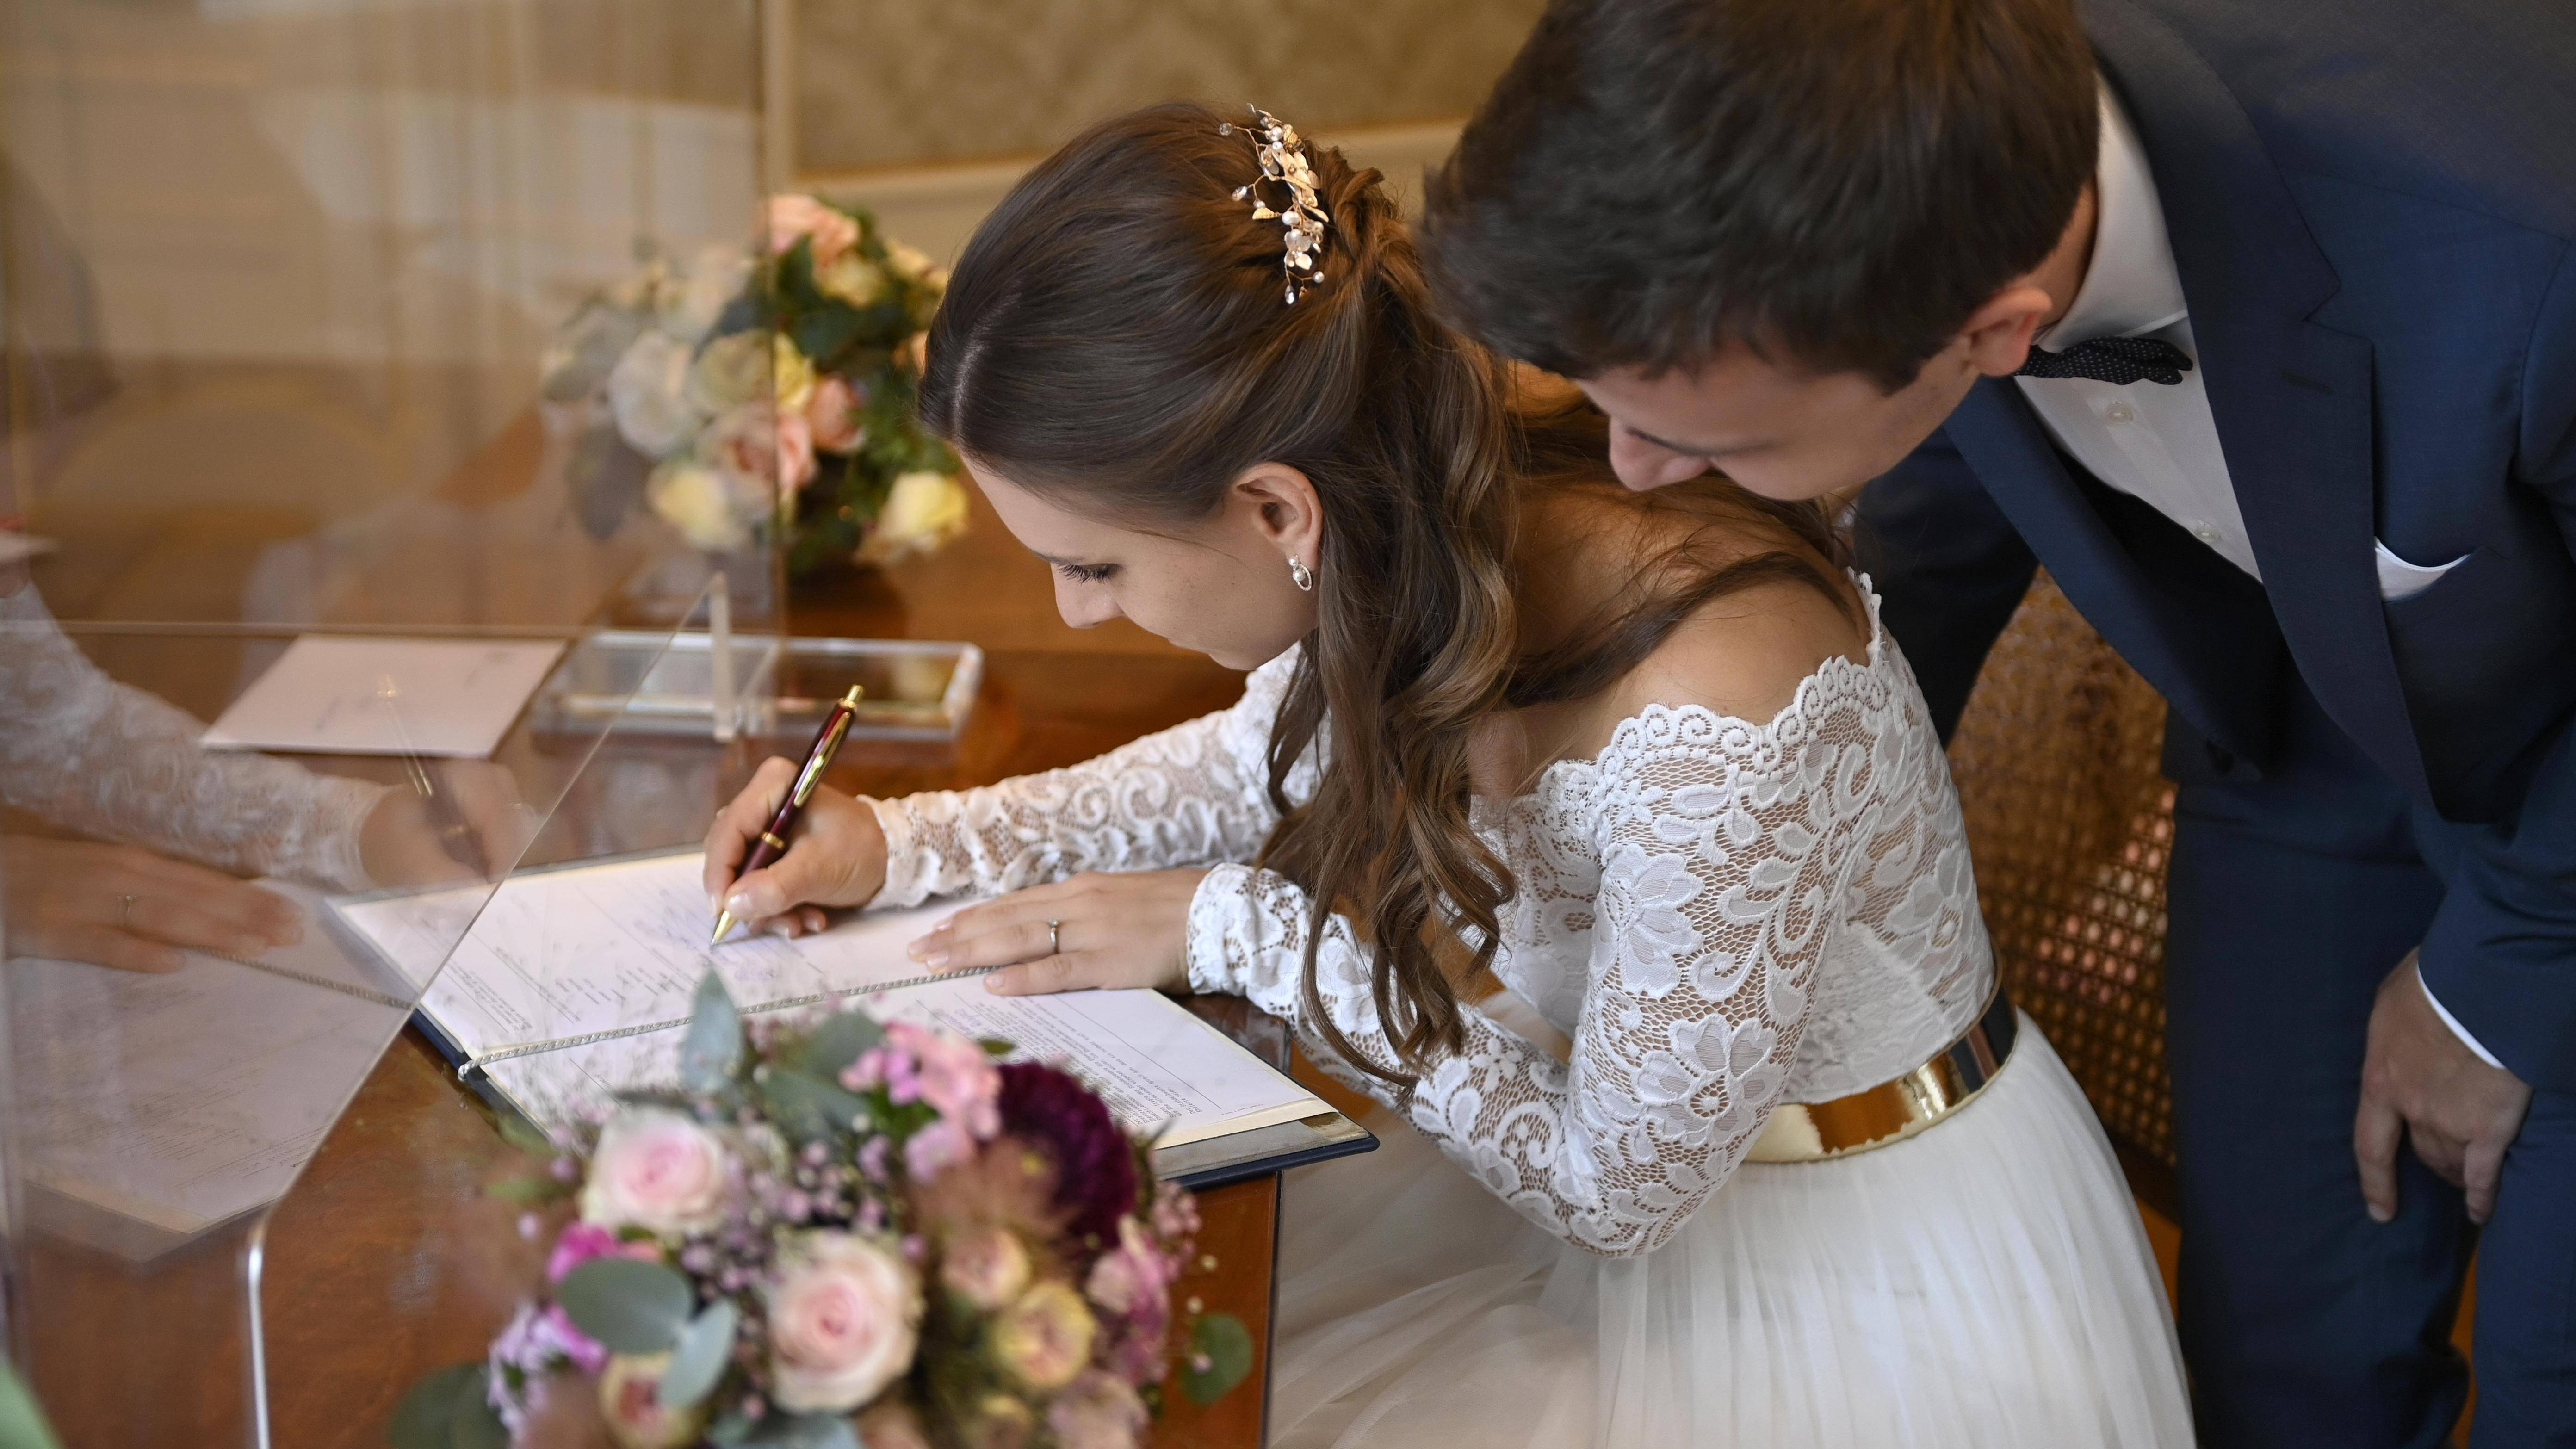 Zu den Personenstandsdaten gehört auch die Eheurkunde.